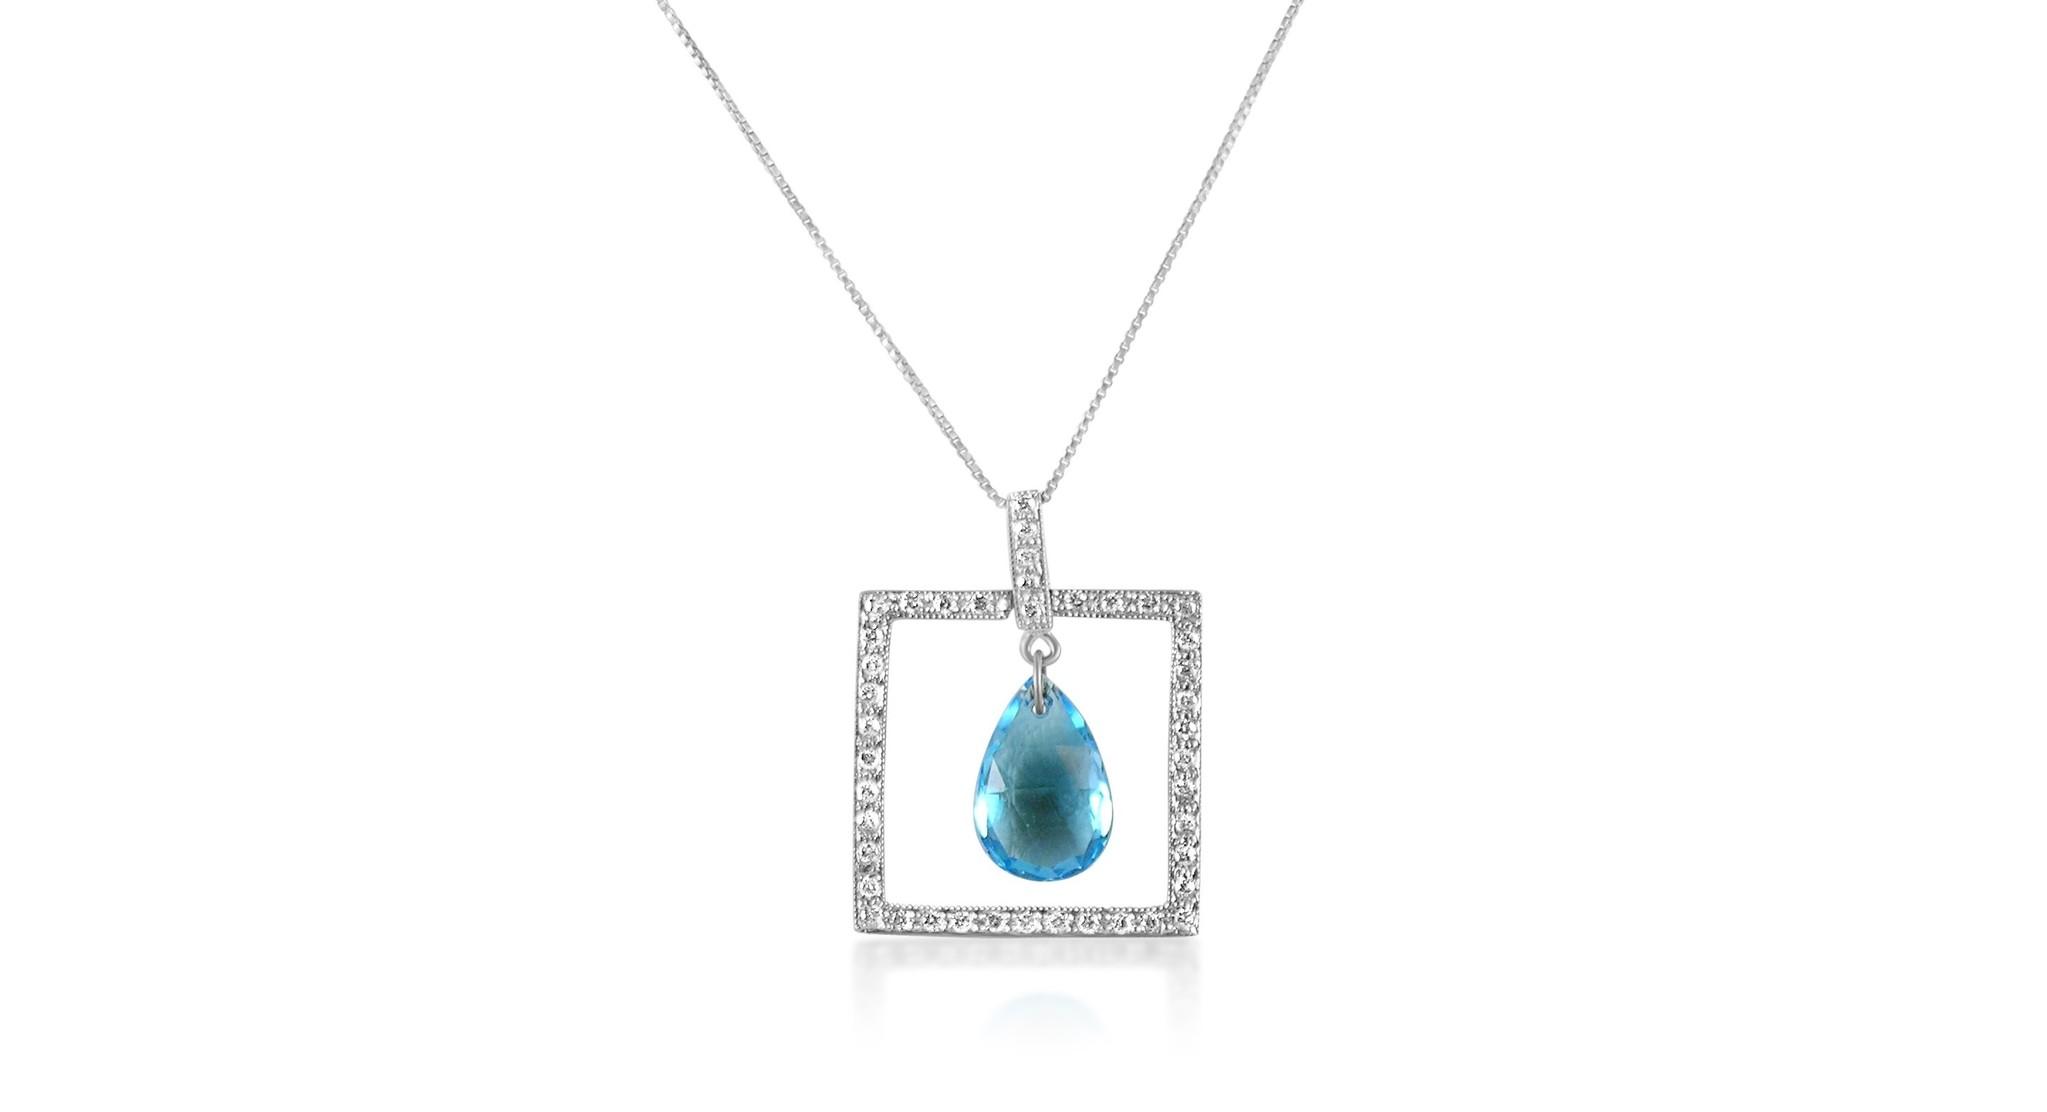 18 karaat wit goud hanger met 0.30 ct diamanten en 2.58 ct blauwe topaas